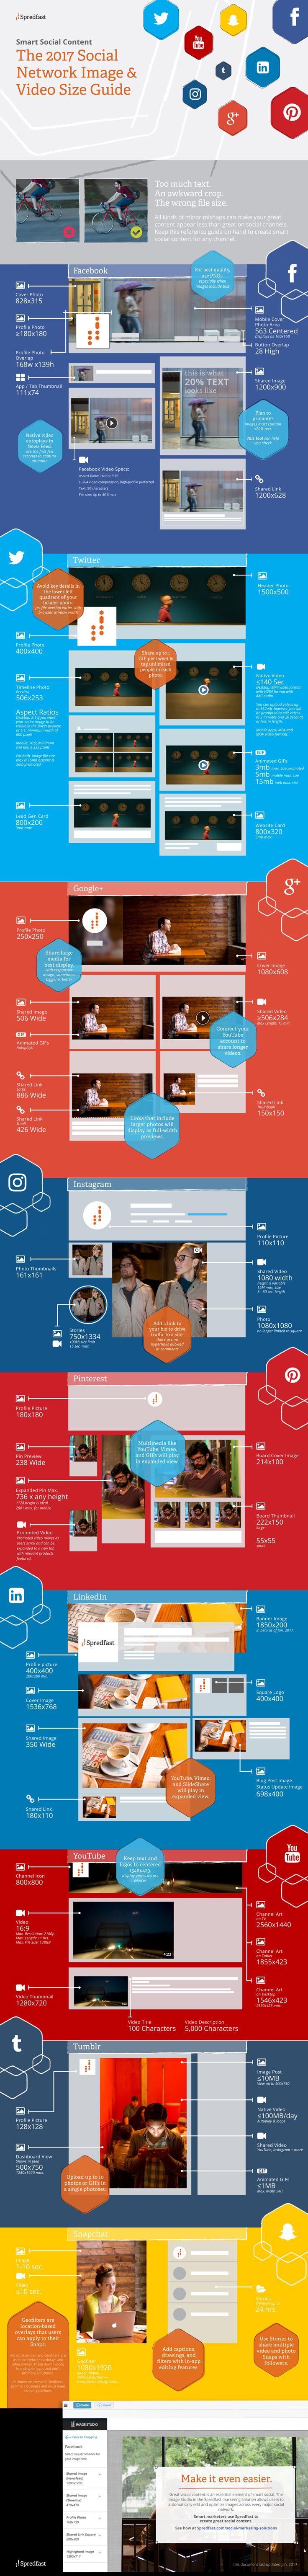 <p>Spredfast es la organización que se tomó la molestia de crear una gran infografía con las principales redes sociales y las medidas del tamaño de las imágenes y videos que se pueden agregar.</p>